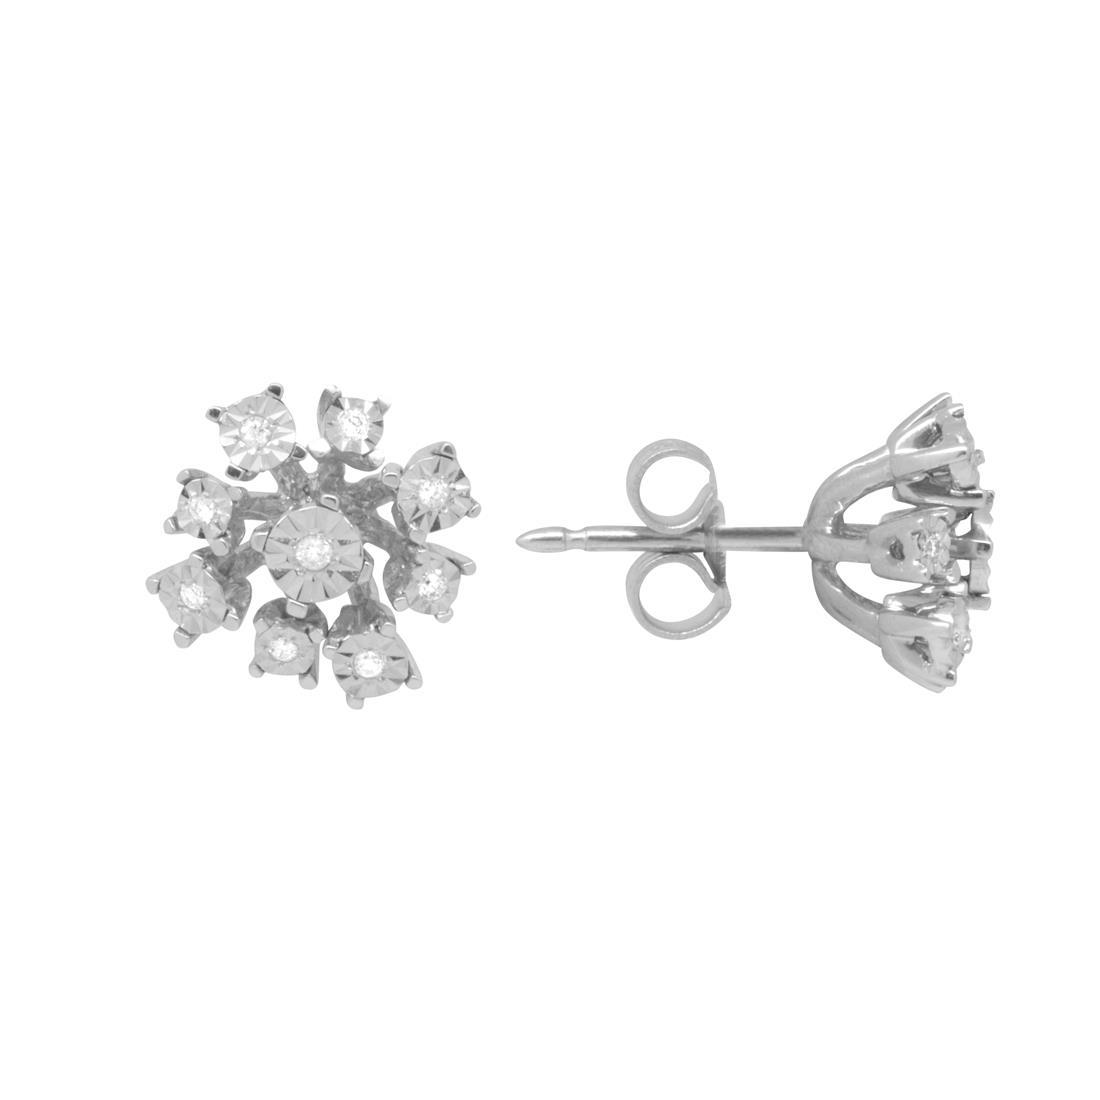 Orecchini in oro bianco con diamanti - BLISS